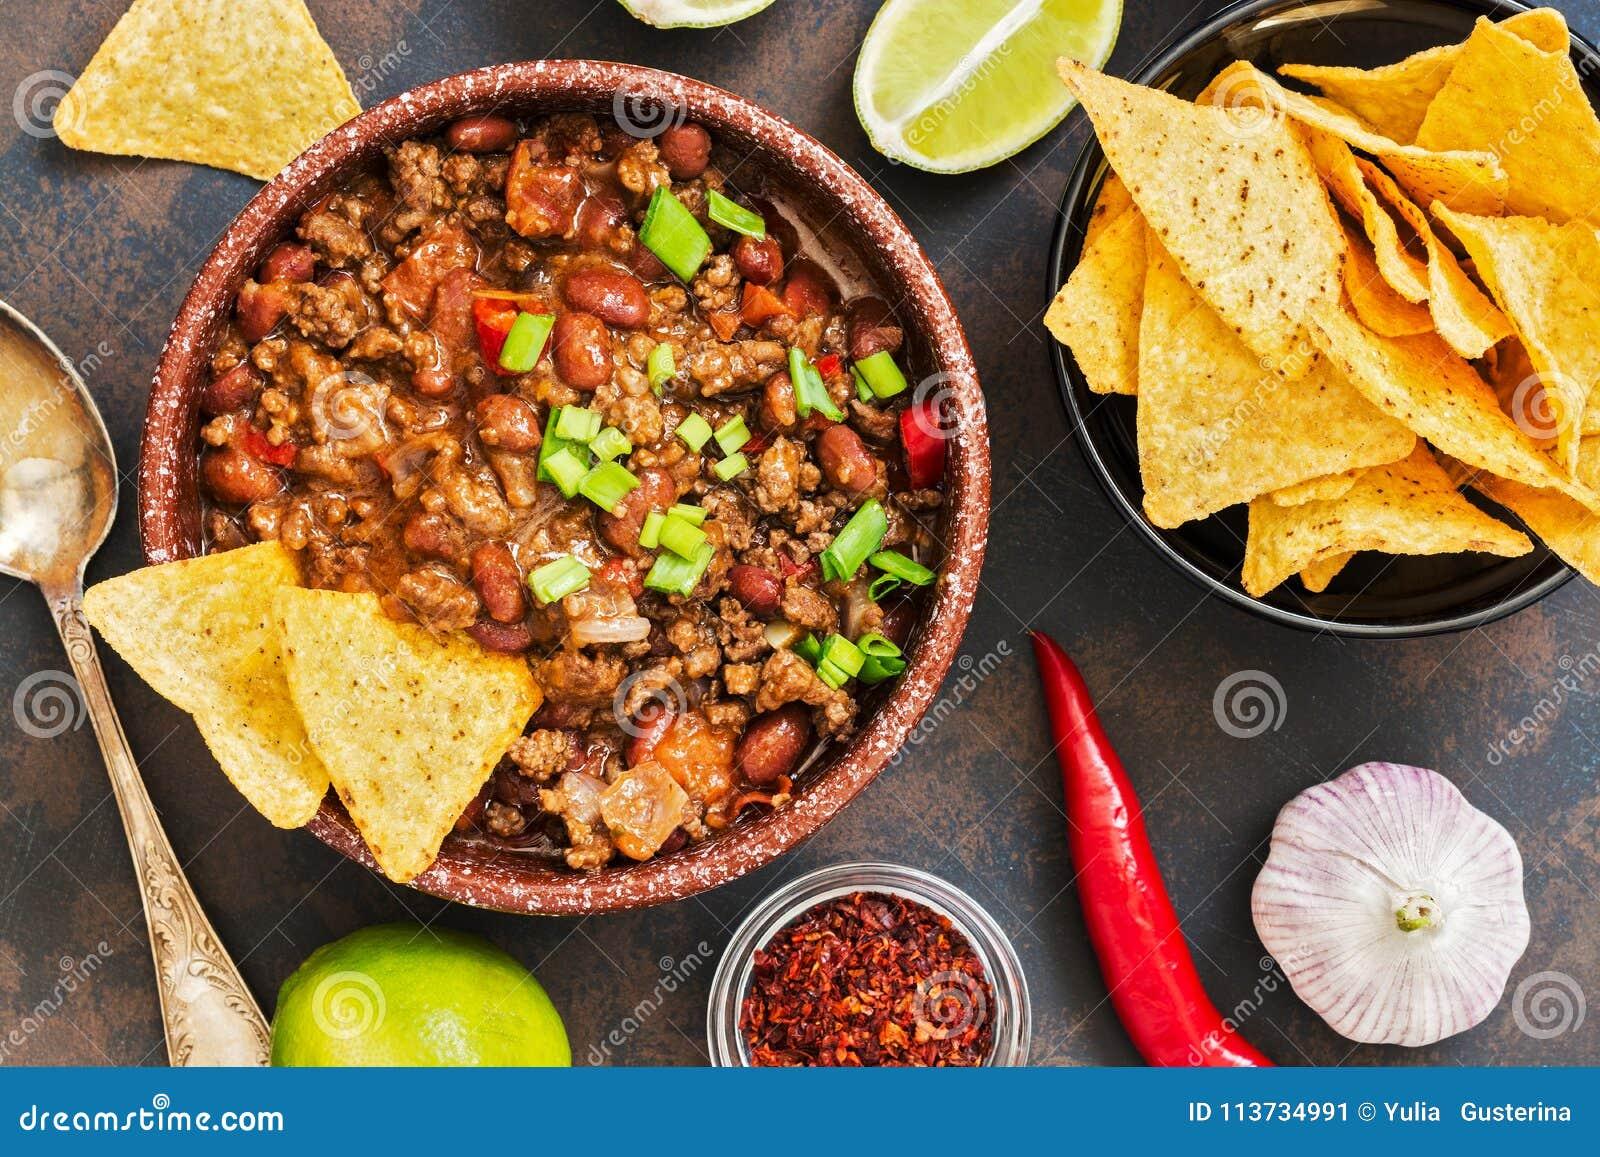 on sale f3f3d 486f6 Piatto Messicano Chili Con Carne Dell'alimento Il Concetto ...